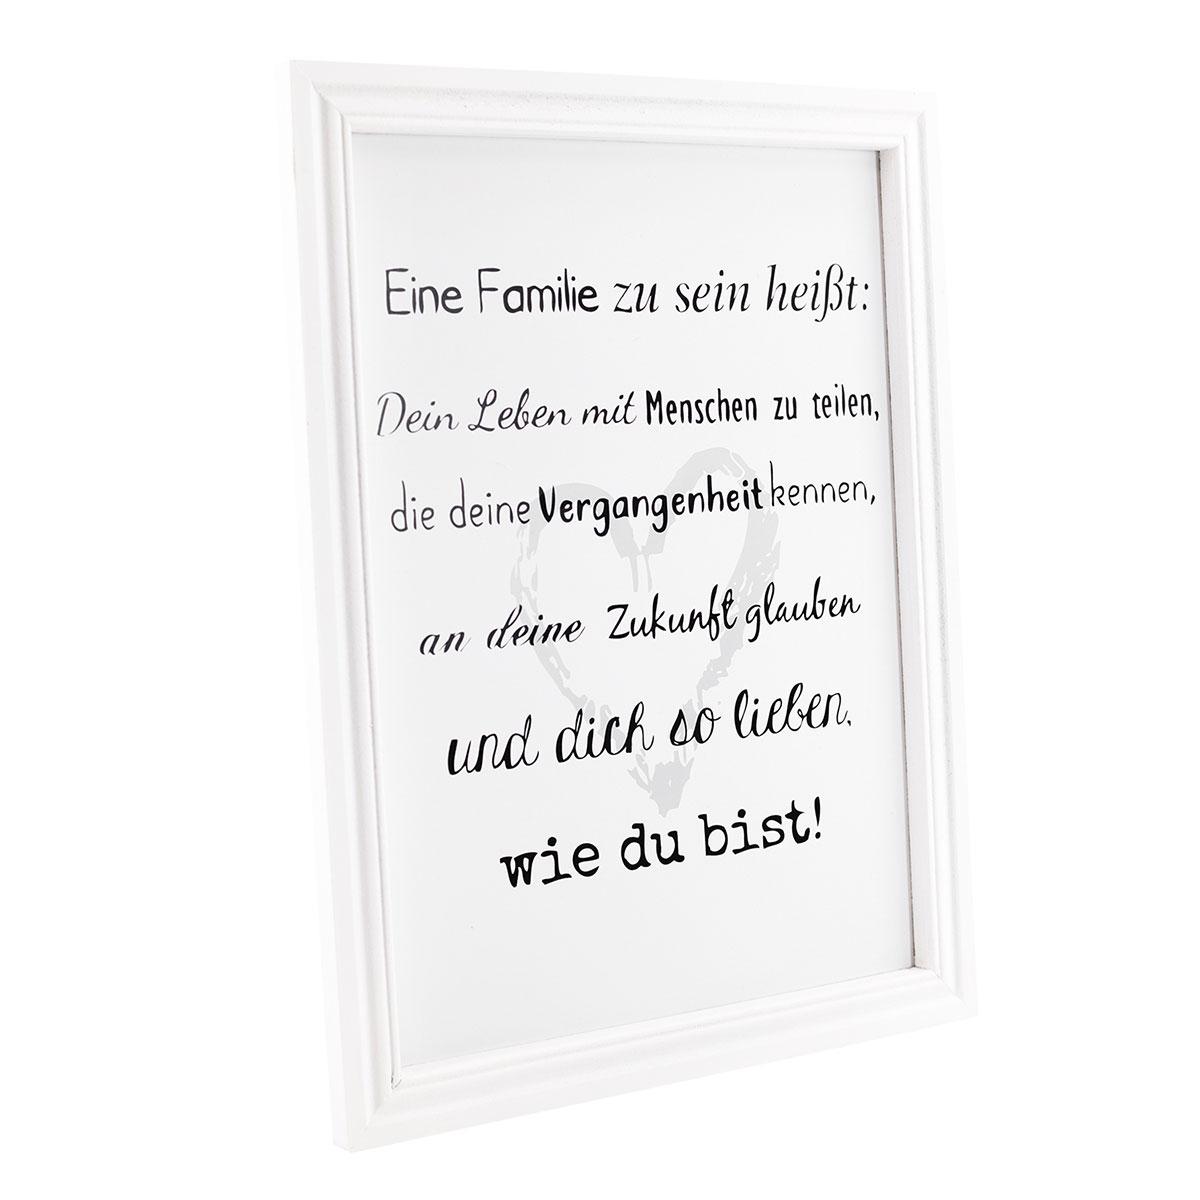 Groß Familienbilderrahmen Mit Sprüchen Bilder - Rahmen Ideen ...